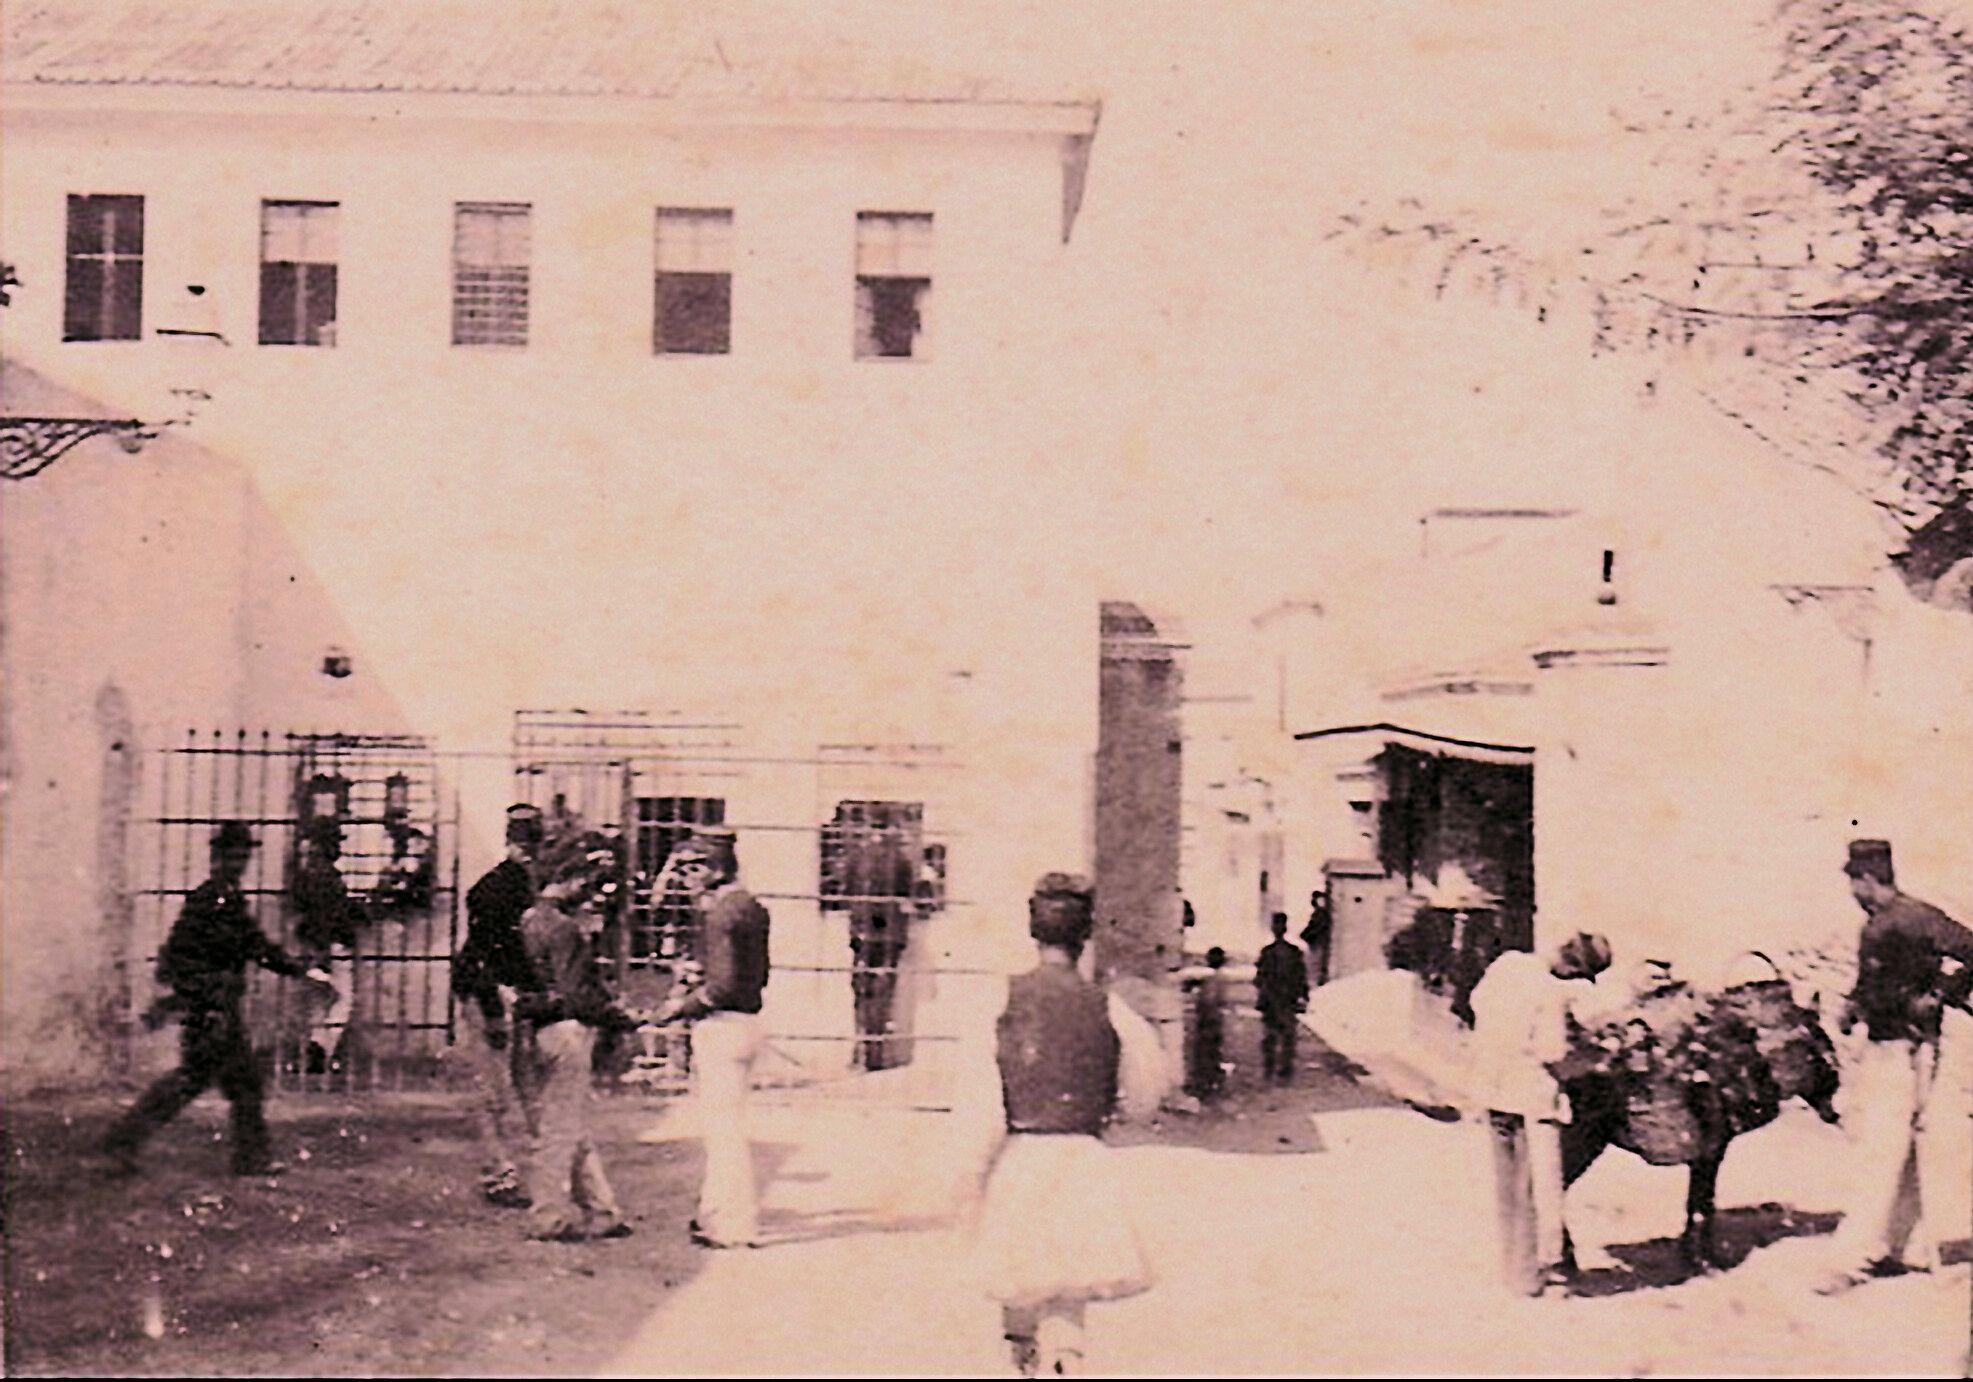 """Η φυλακή – κάτεργο της Αθήνας με το μισητό πλατάνι. Ποιοι έλεγαν την φράση """"χαιρέτα μου τον πλάτανο"""" και τι εννοούσαν. Τι απέμεινε (βίντεο)"""